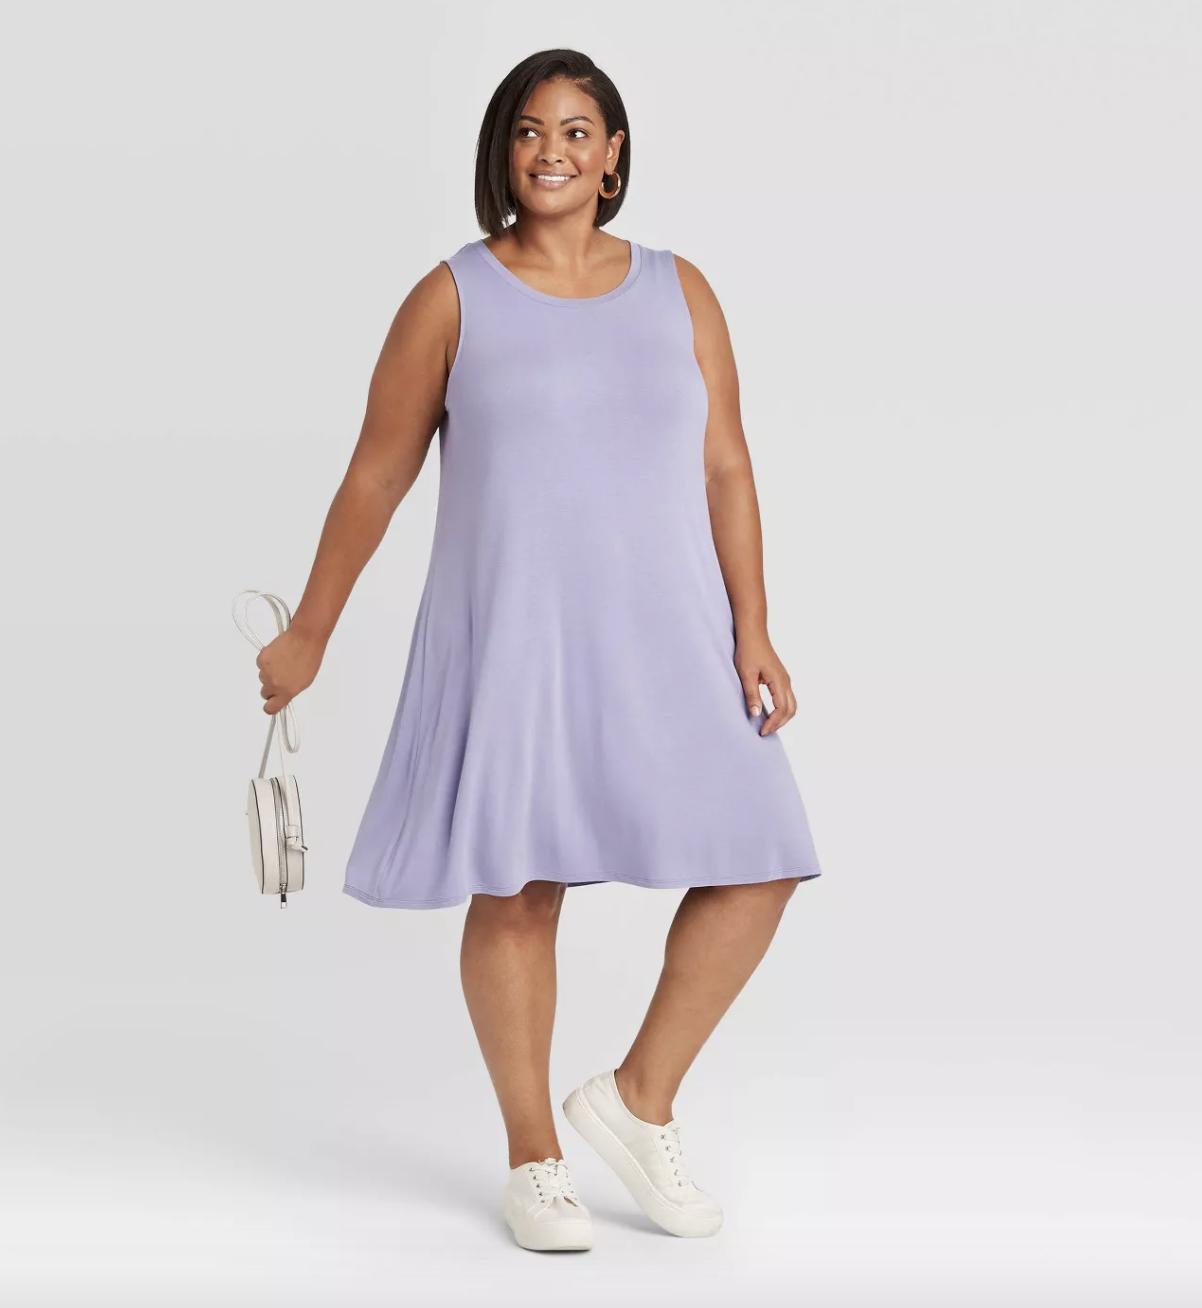 model wearing light purple dress